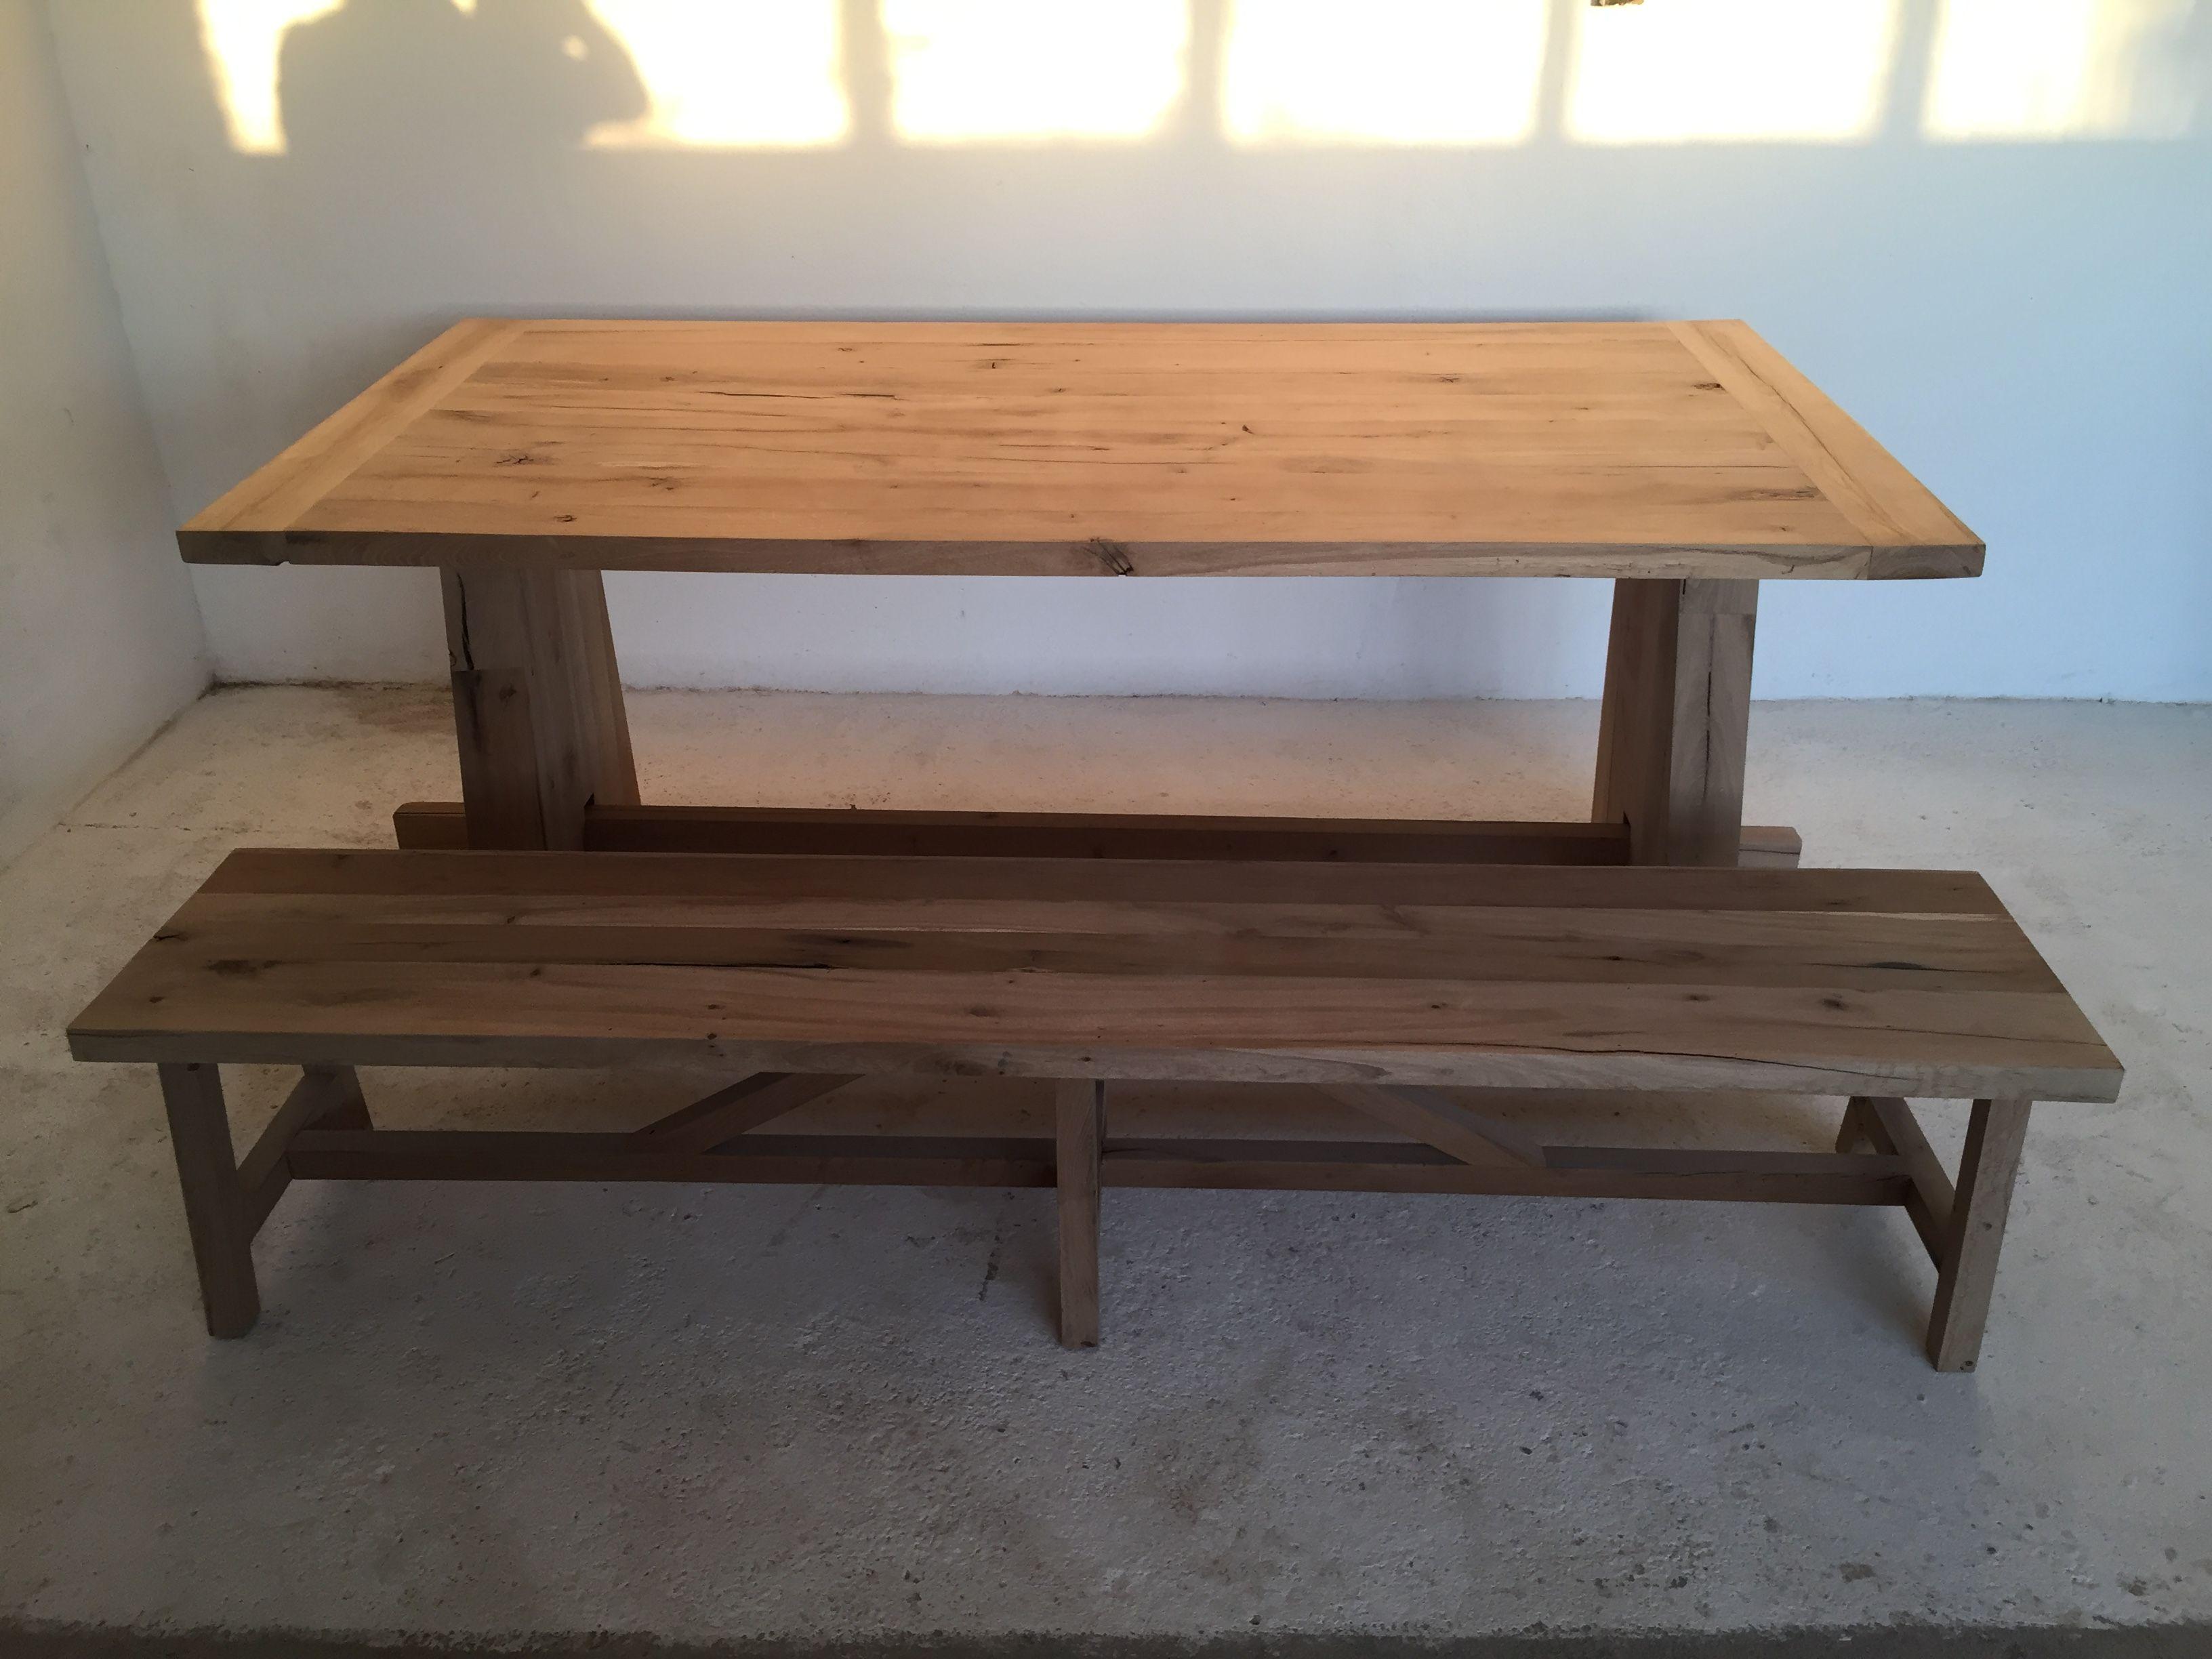 Pin De Nico Fodor En Tables Furniture Kolosale Cic Srl  # Muebles Cic Comedores